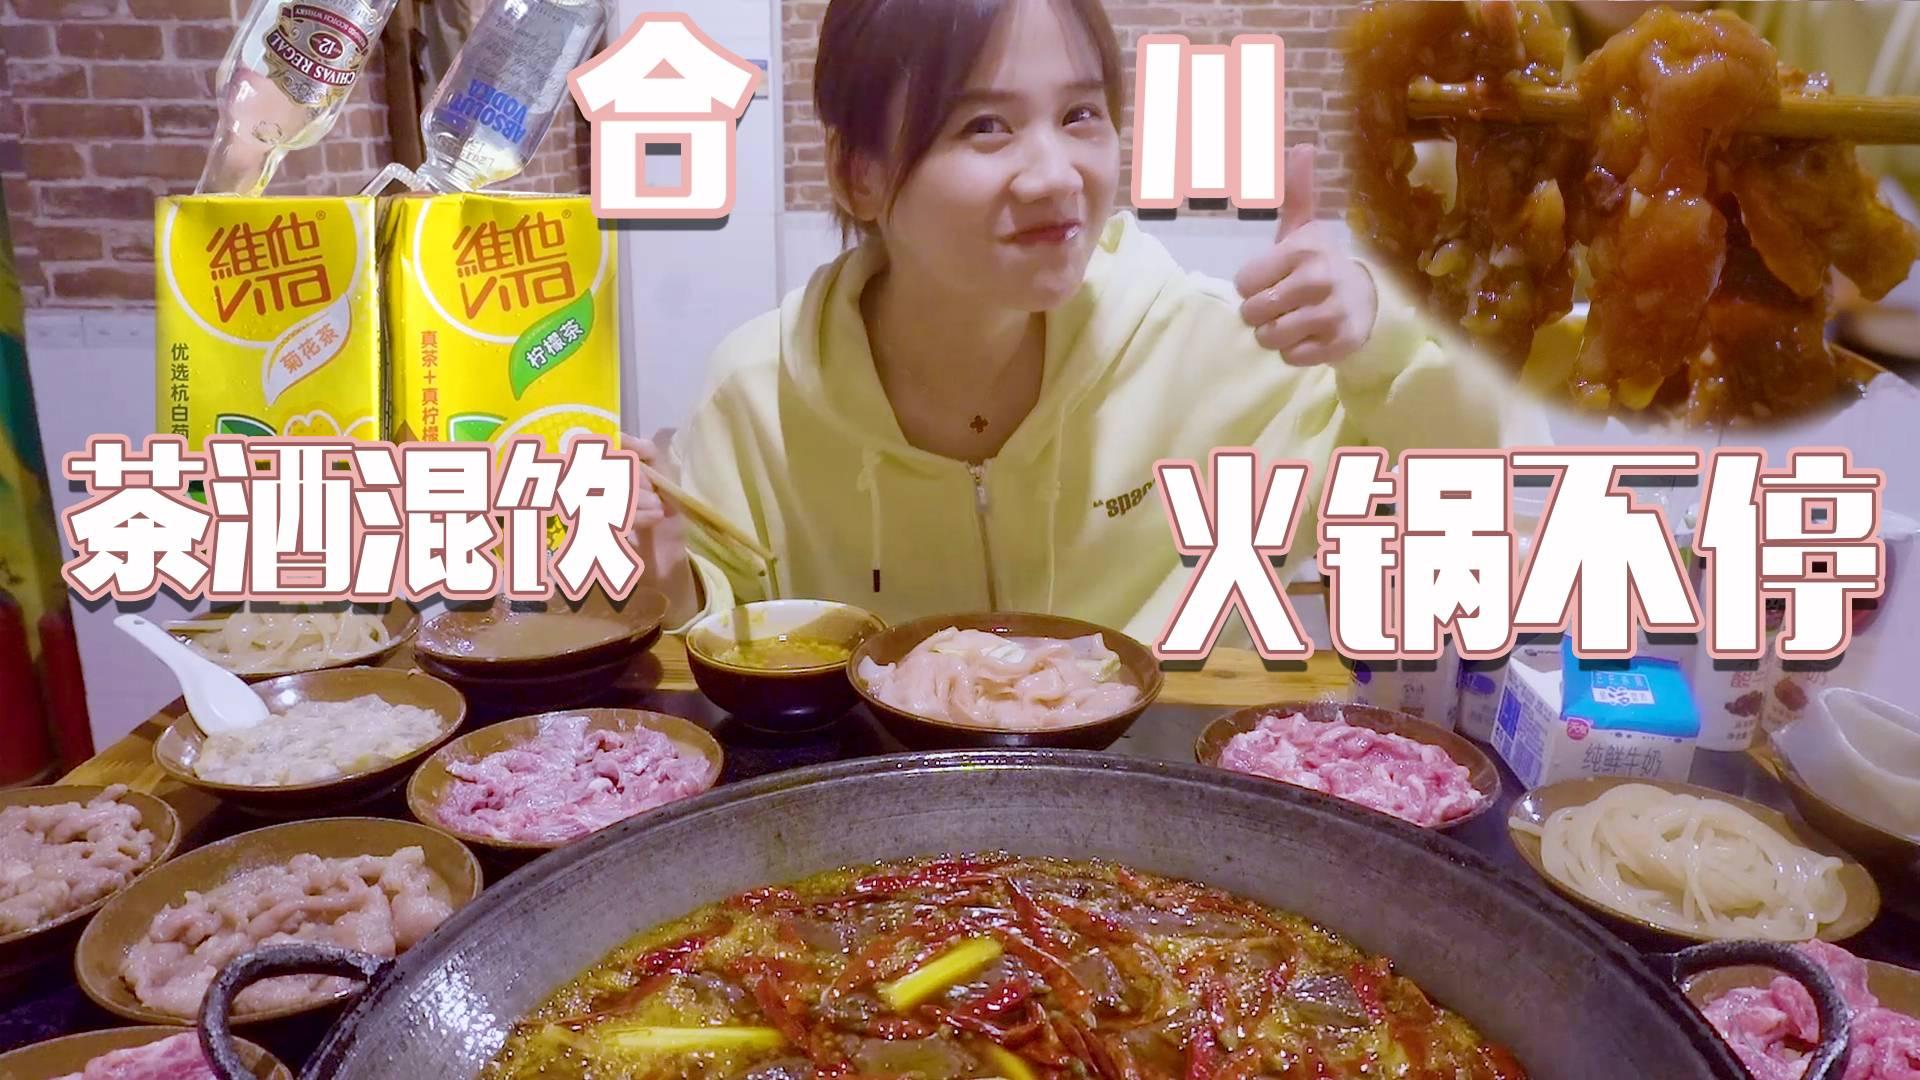 密子君·吃爹娘安利老面包子重庆火锅!